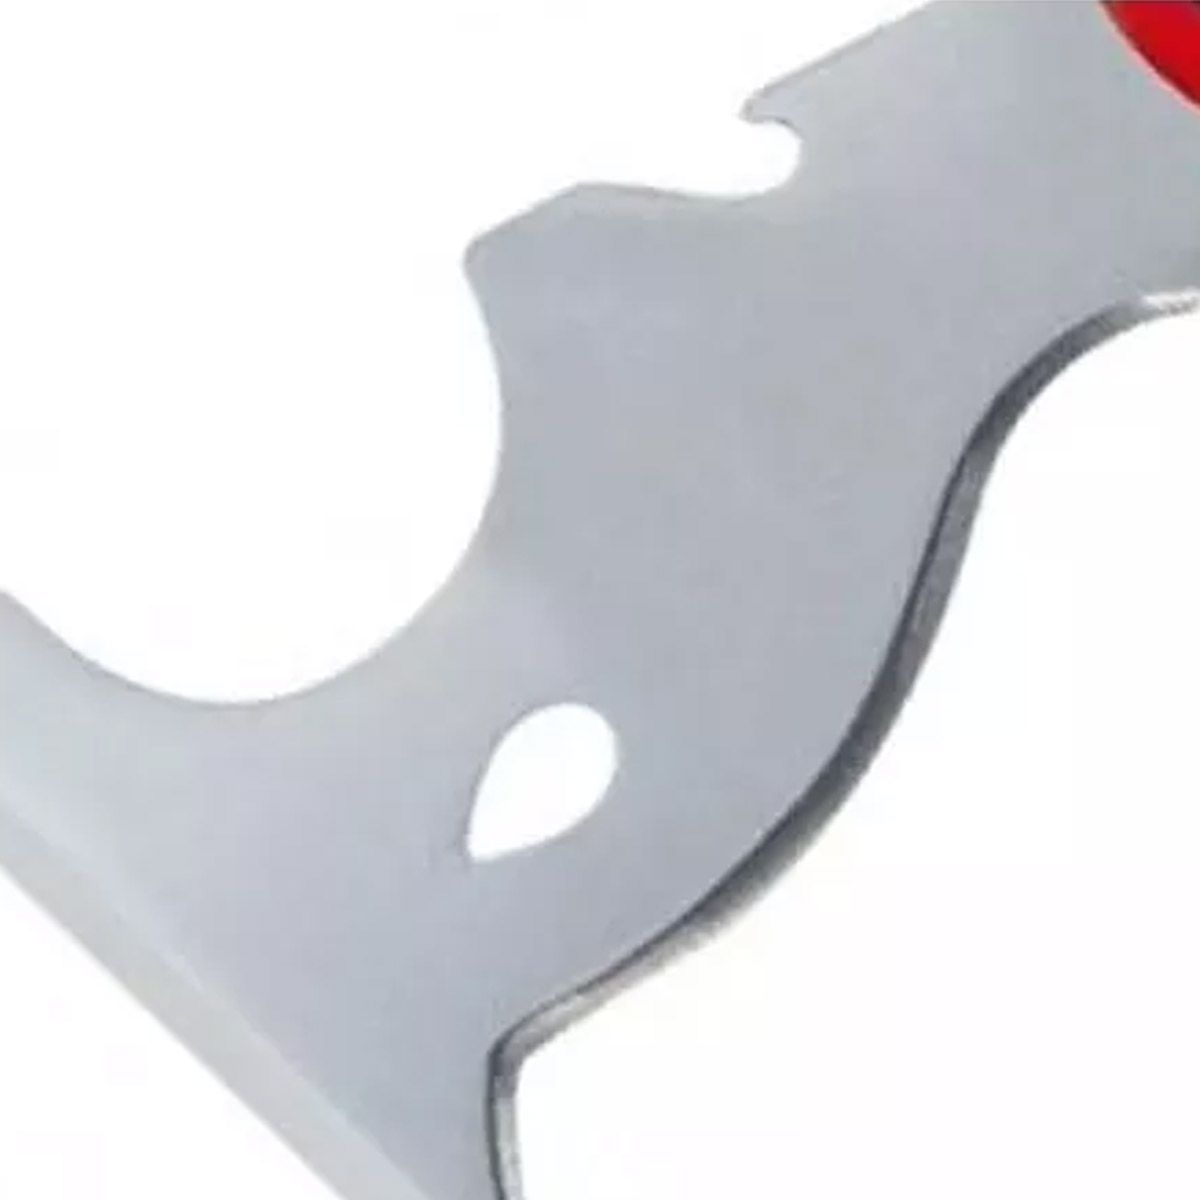 Espátula De Multifunção 10 Em 1 Reforçado Aço Inox Parede